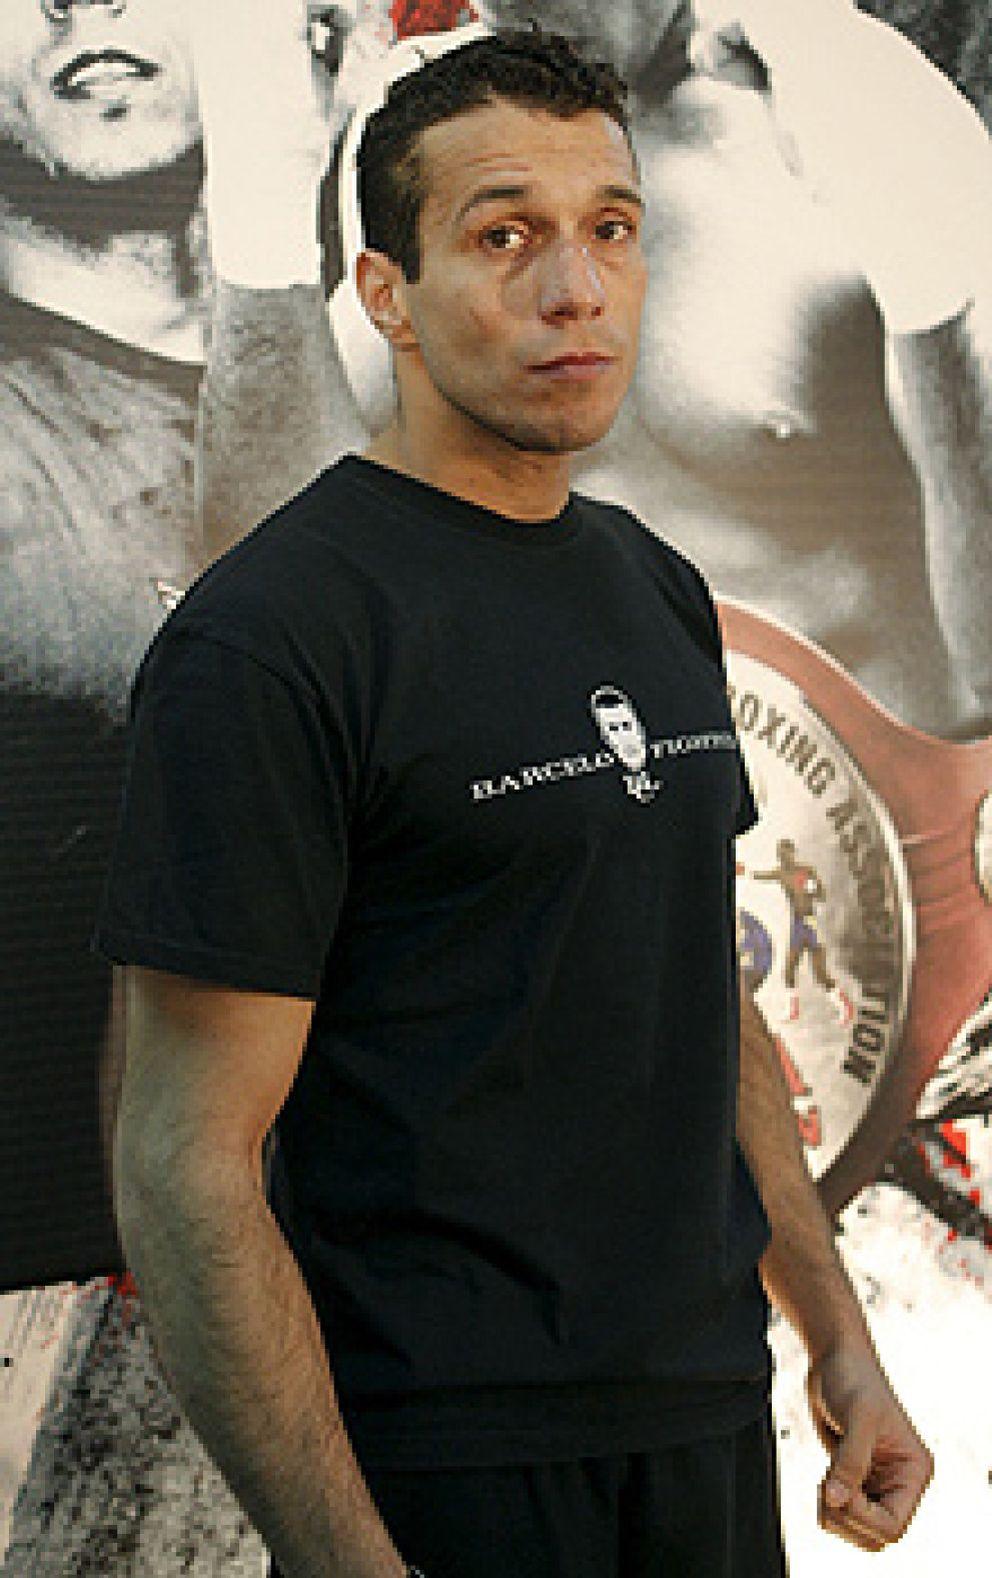 Foto: Dopaje y trama mafiosa: Navascués, un boxeador señalado por la mala fortuna